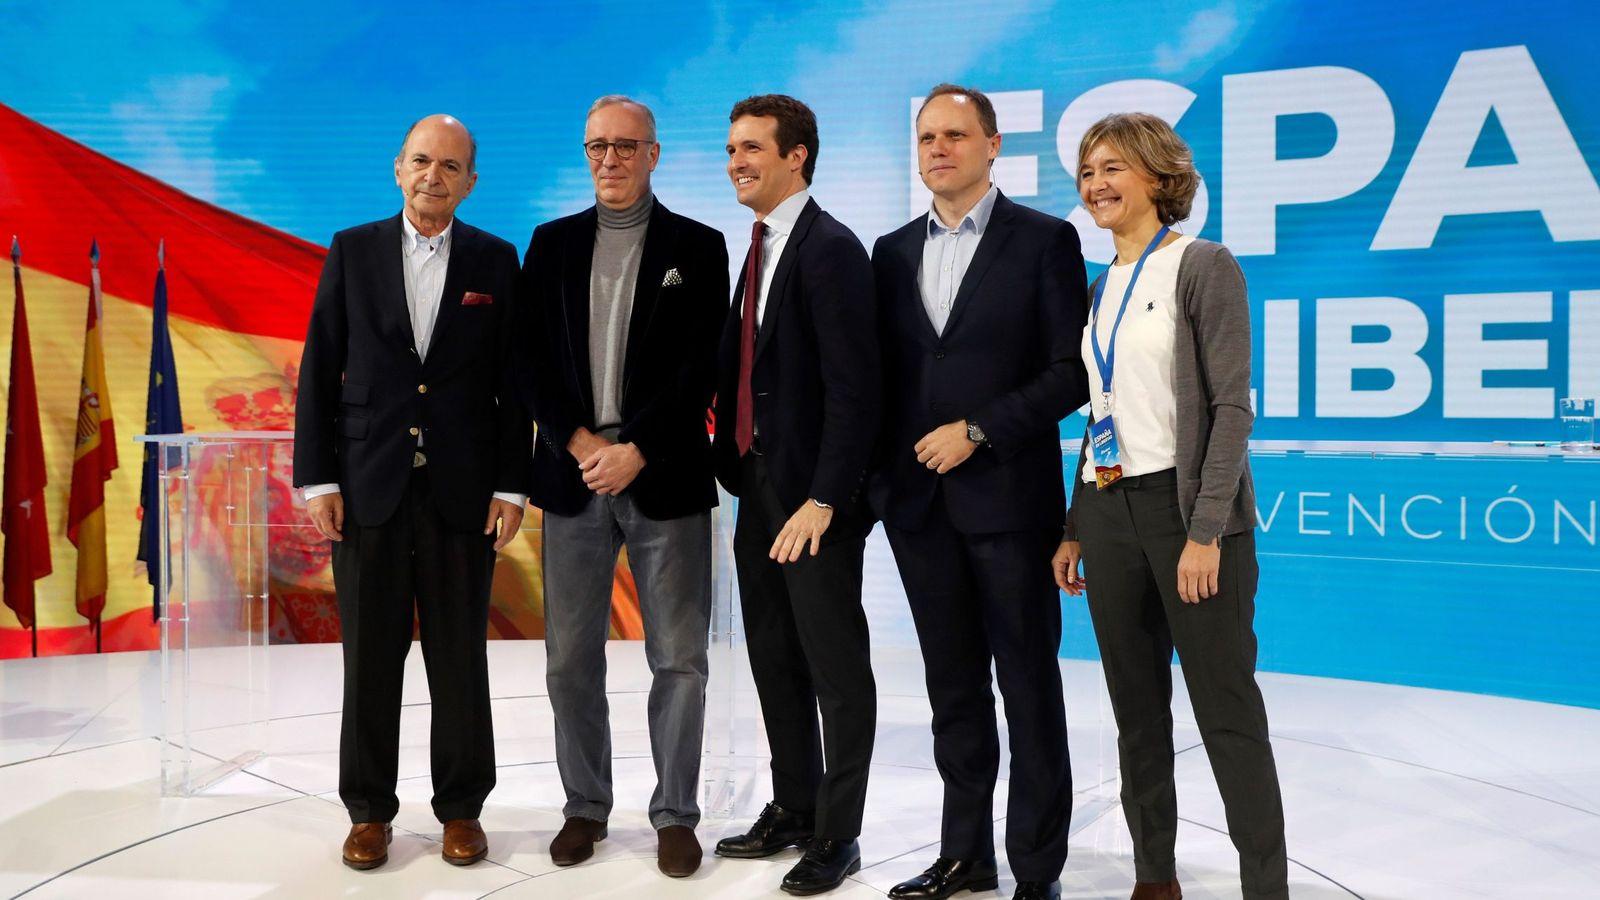 Foto: El presidente del PP Pablo Casado (c), junto a la vicesecretaria de Sectorial, Isabel García Tejerina, y los economistas Carlos Rodríguez-Braun (i), Lorenzo Bernaldo de Quirós (2ºi), y Daniel Lacalle (2ºd). (EFE)